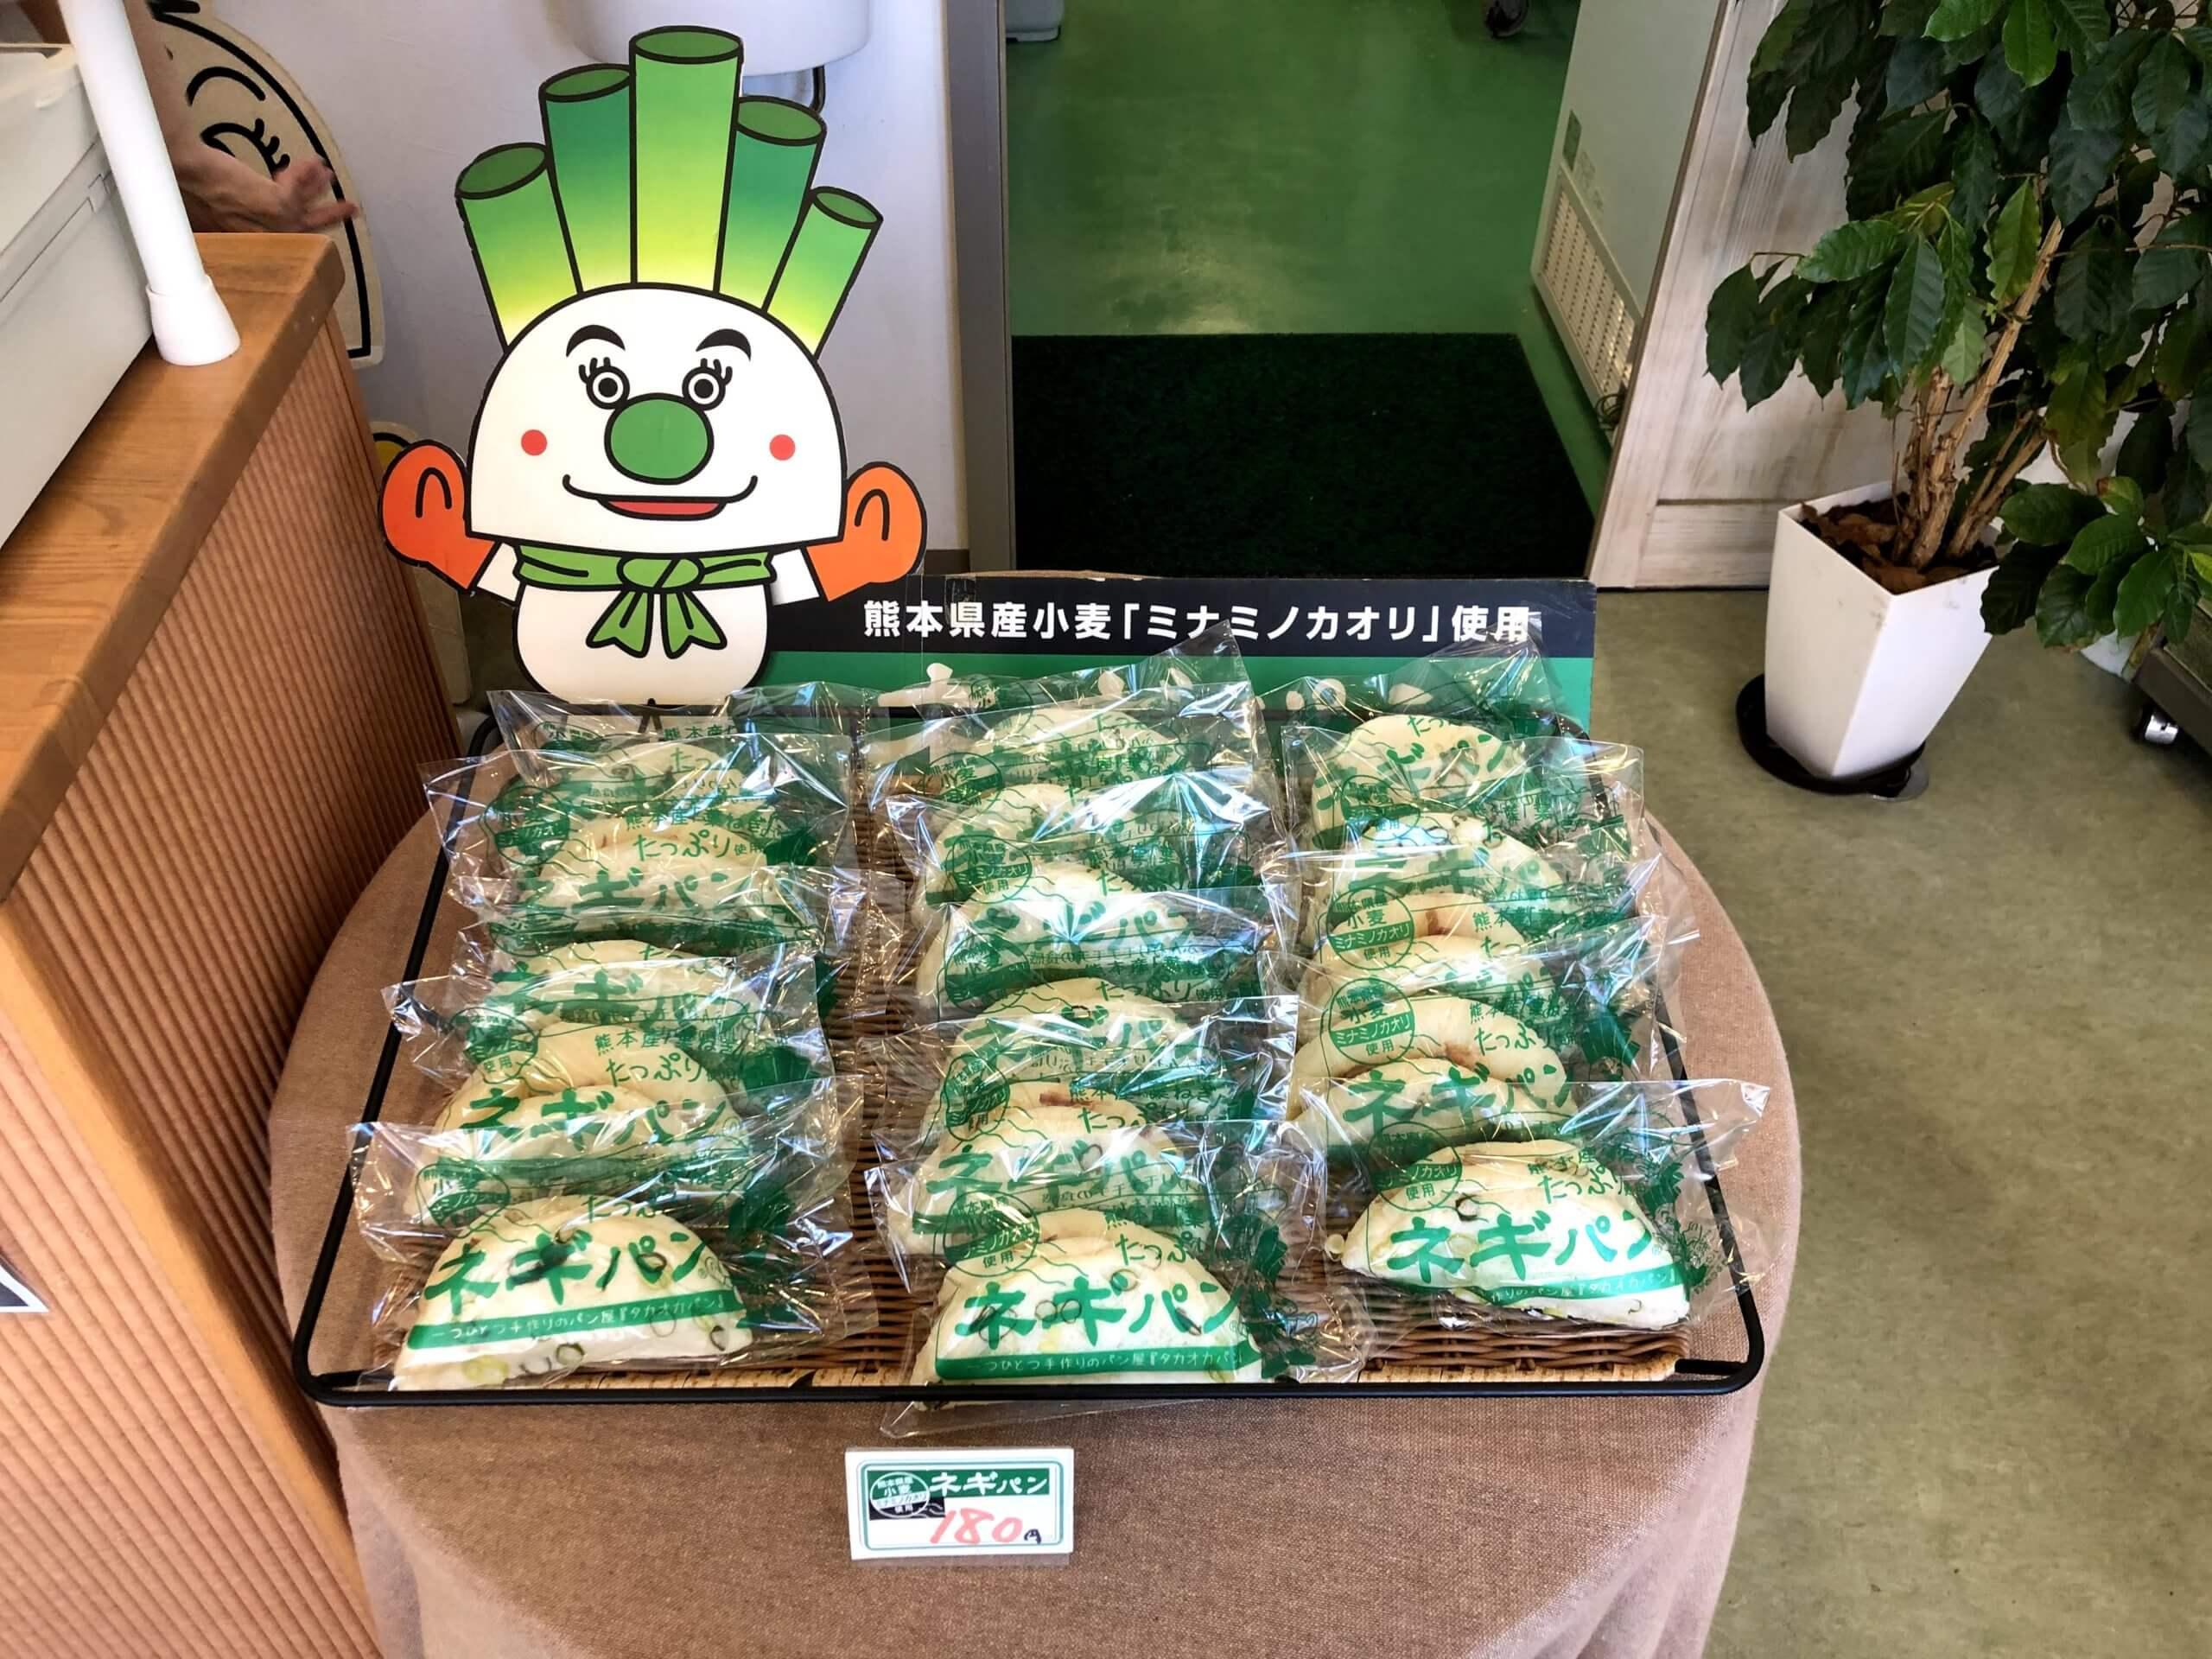 【高岡製パン工場】もはや飲み物!?熊本のソウルパンもちふわネギパン《熊本市東区栄町》